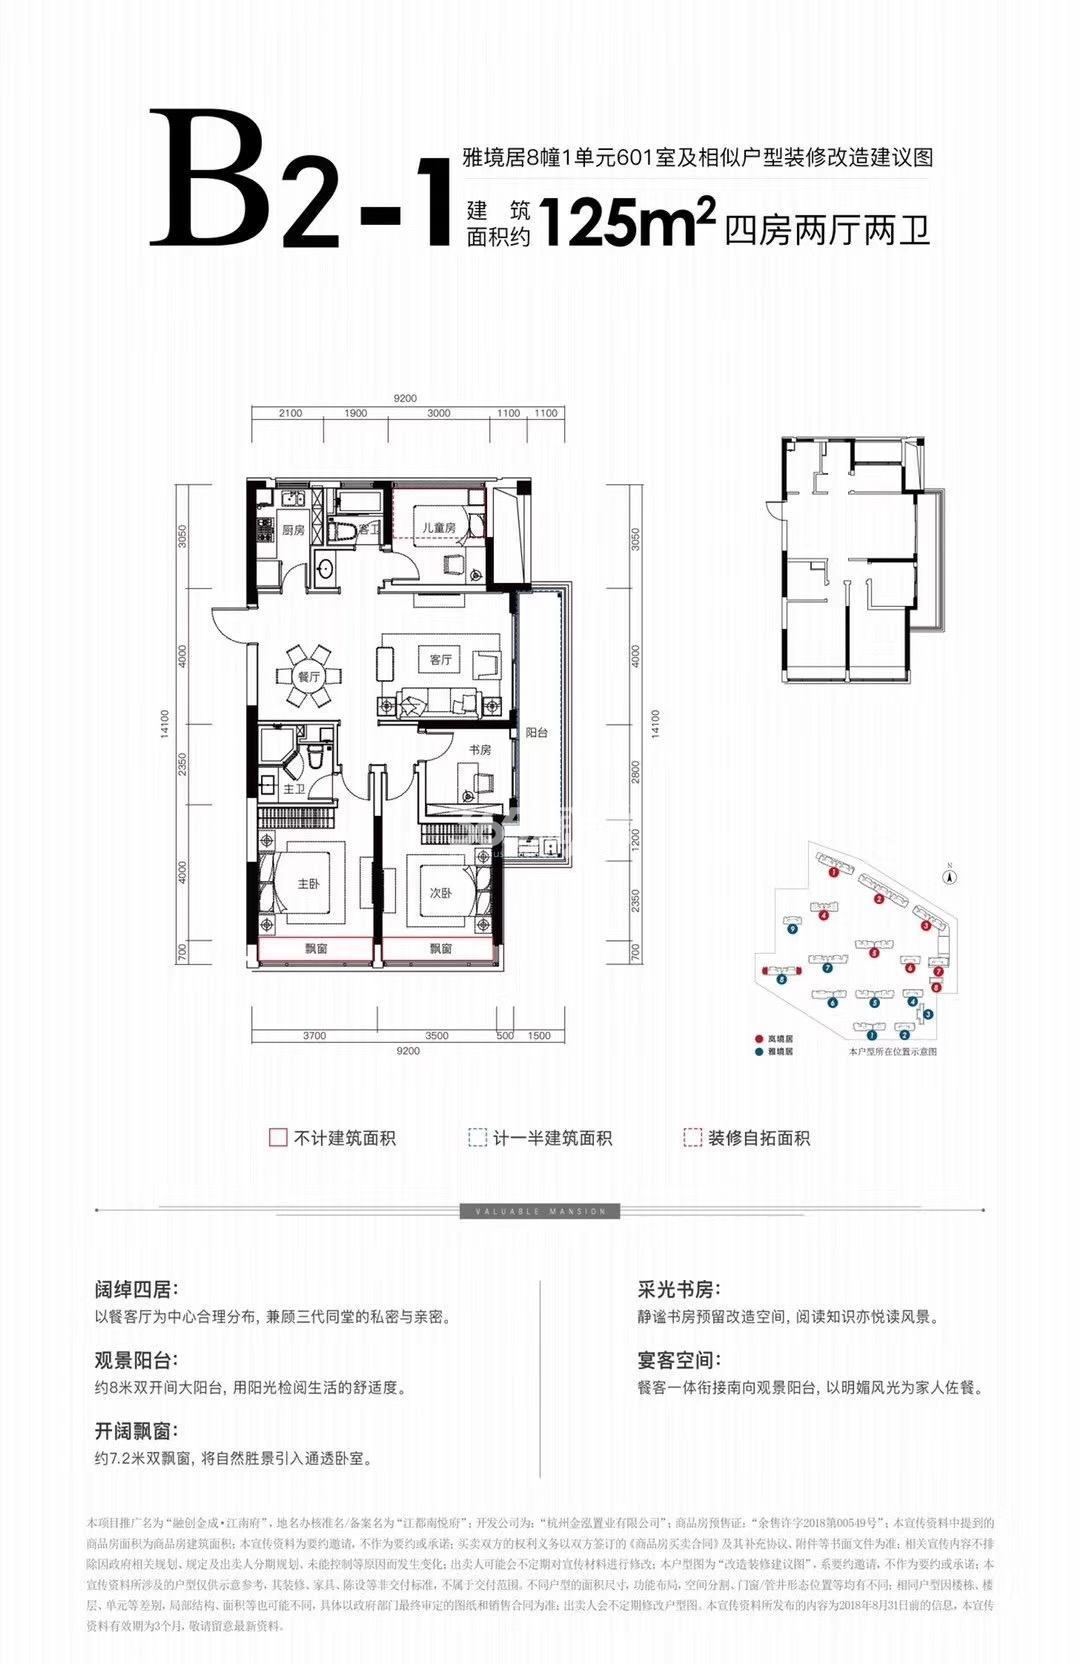 融创金成江南府二期8号楼B2-1户型125方